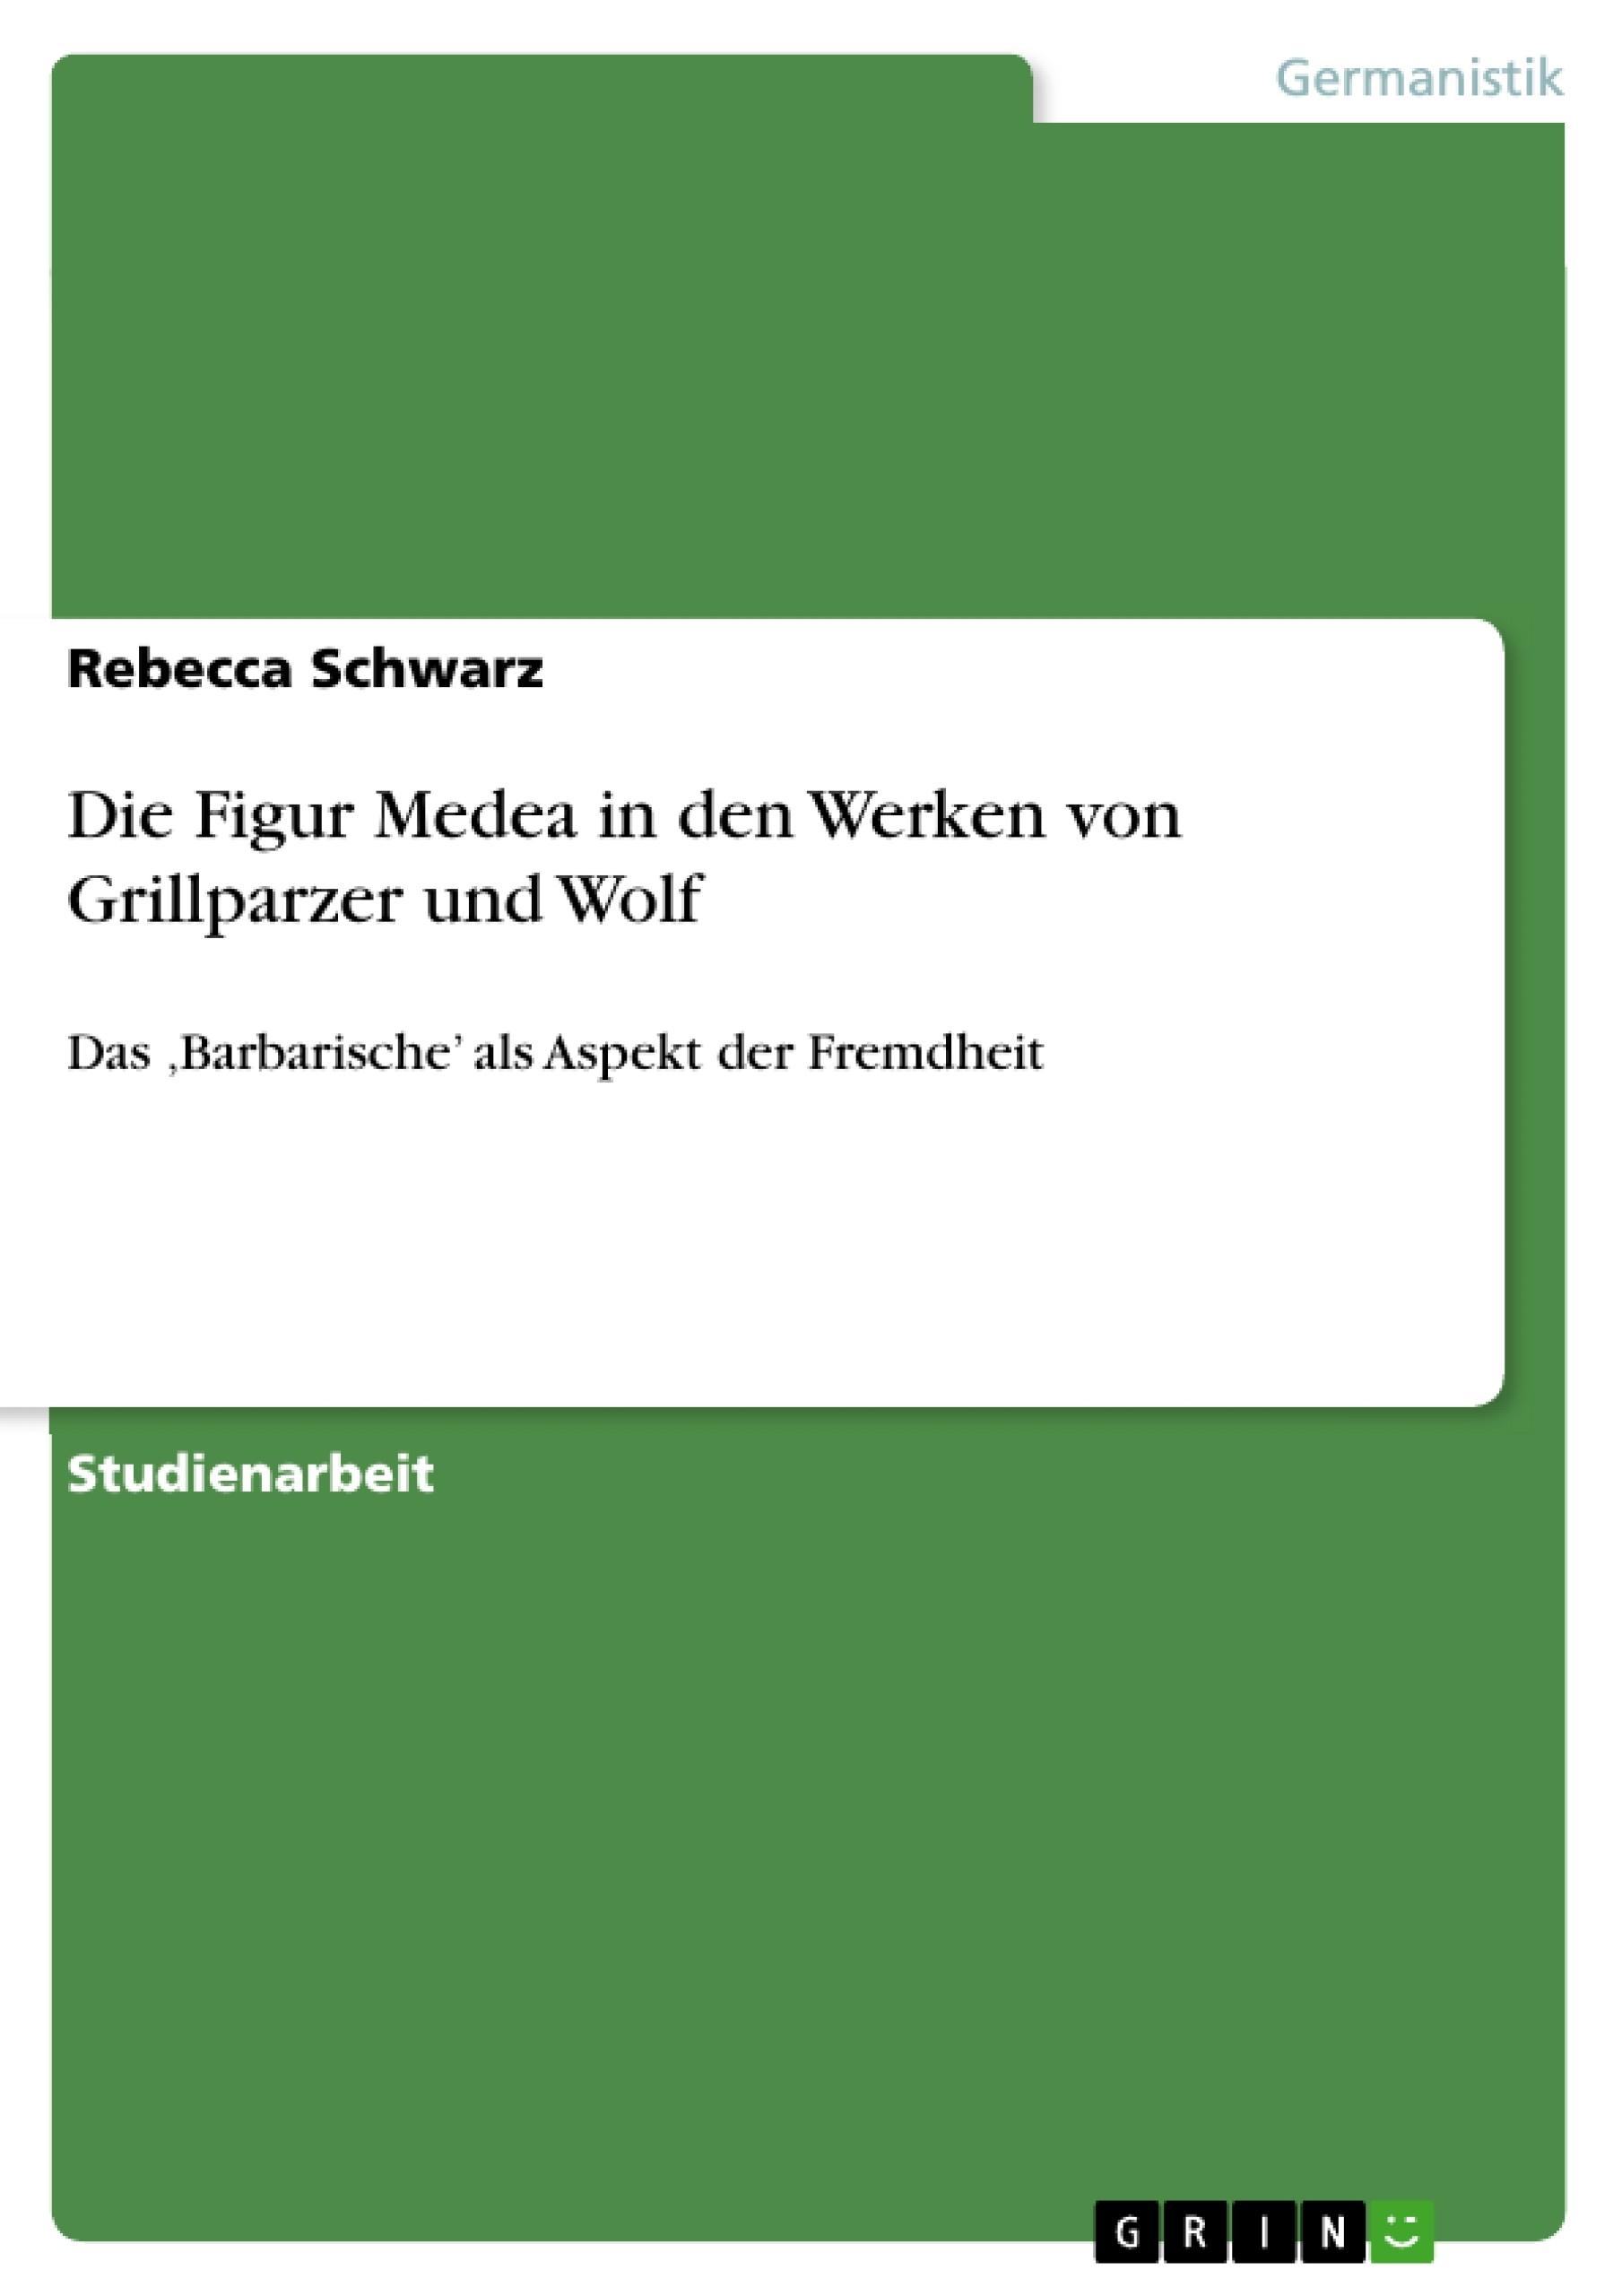 Titel: Die Figur Medea in den Werken von Grillparzer und Wolf